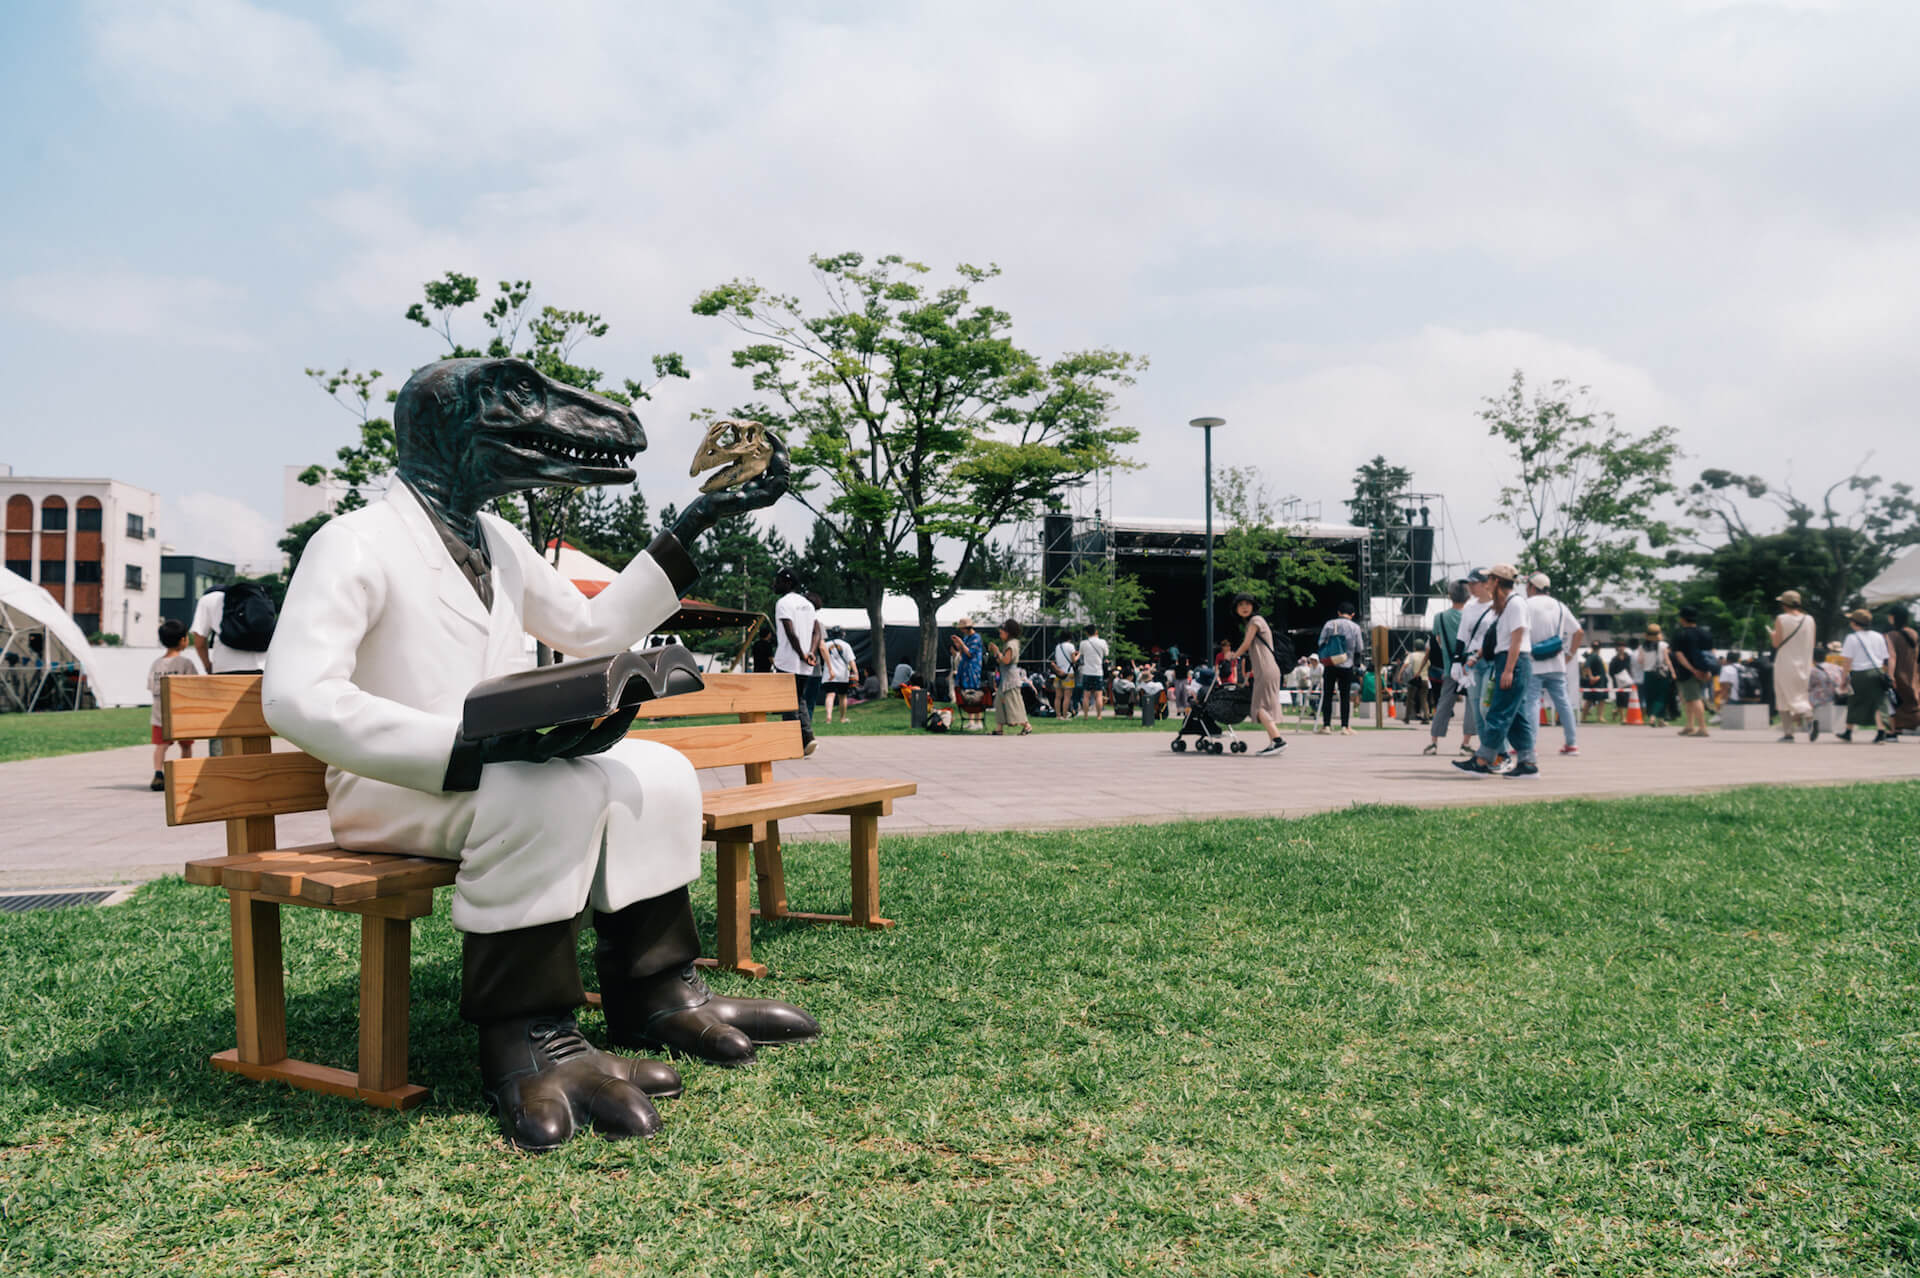 初開催のONE PARK FESTIVALレポート|WONK長塚、Ovall、福井のアーティストhendecagonと水咲加奈の感想は? music190719-oneparkfestival-5